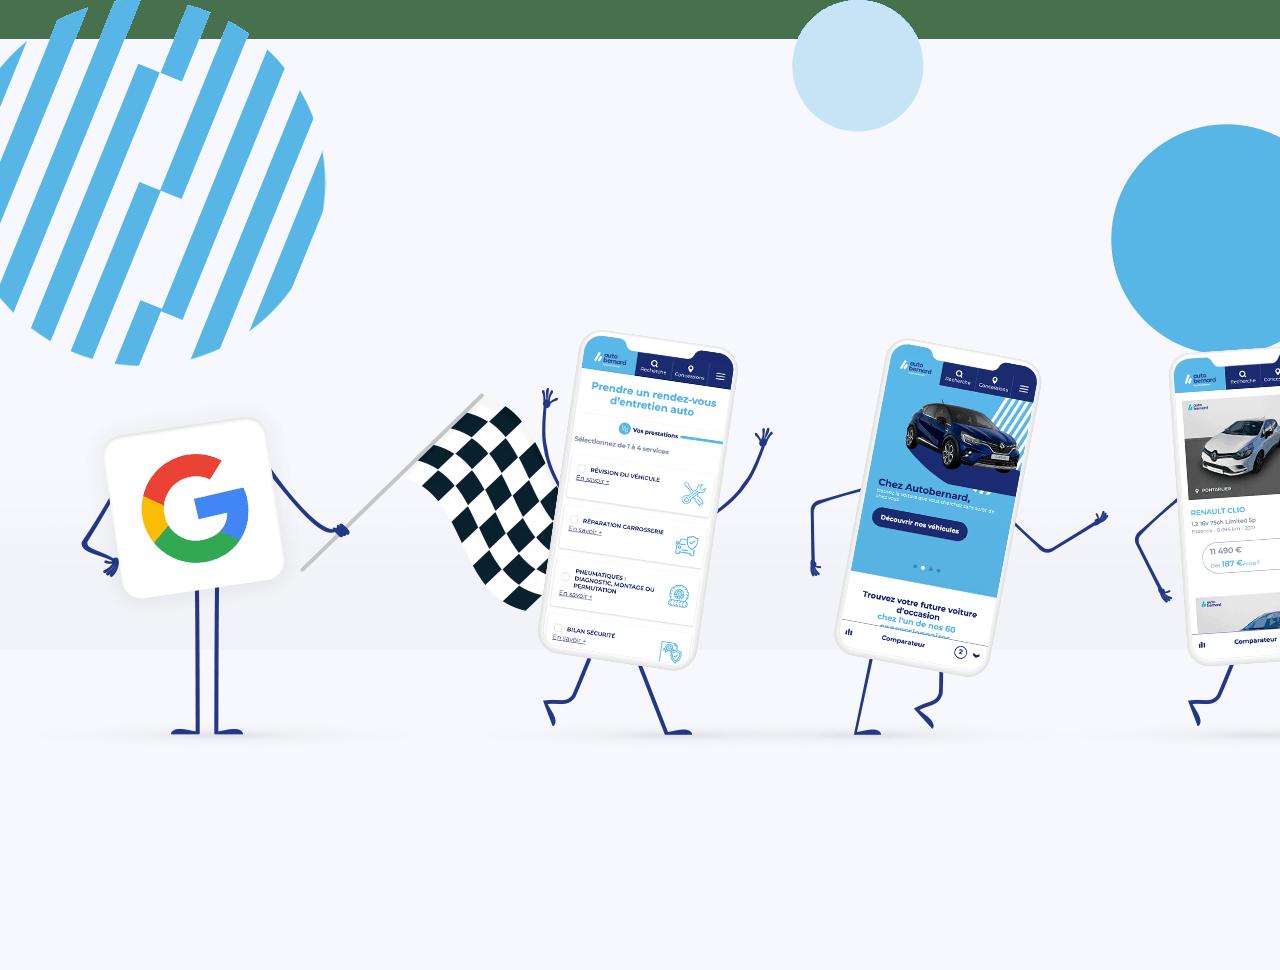 Google en personnage avec 3 portables à côté sur une ligne de départ de course